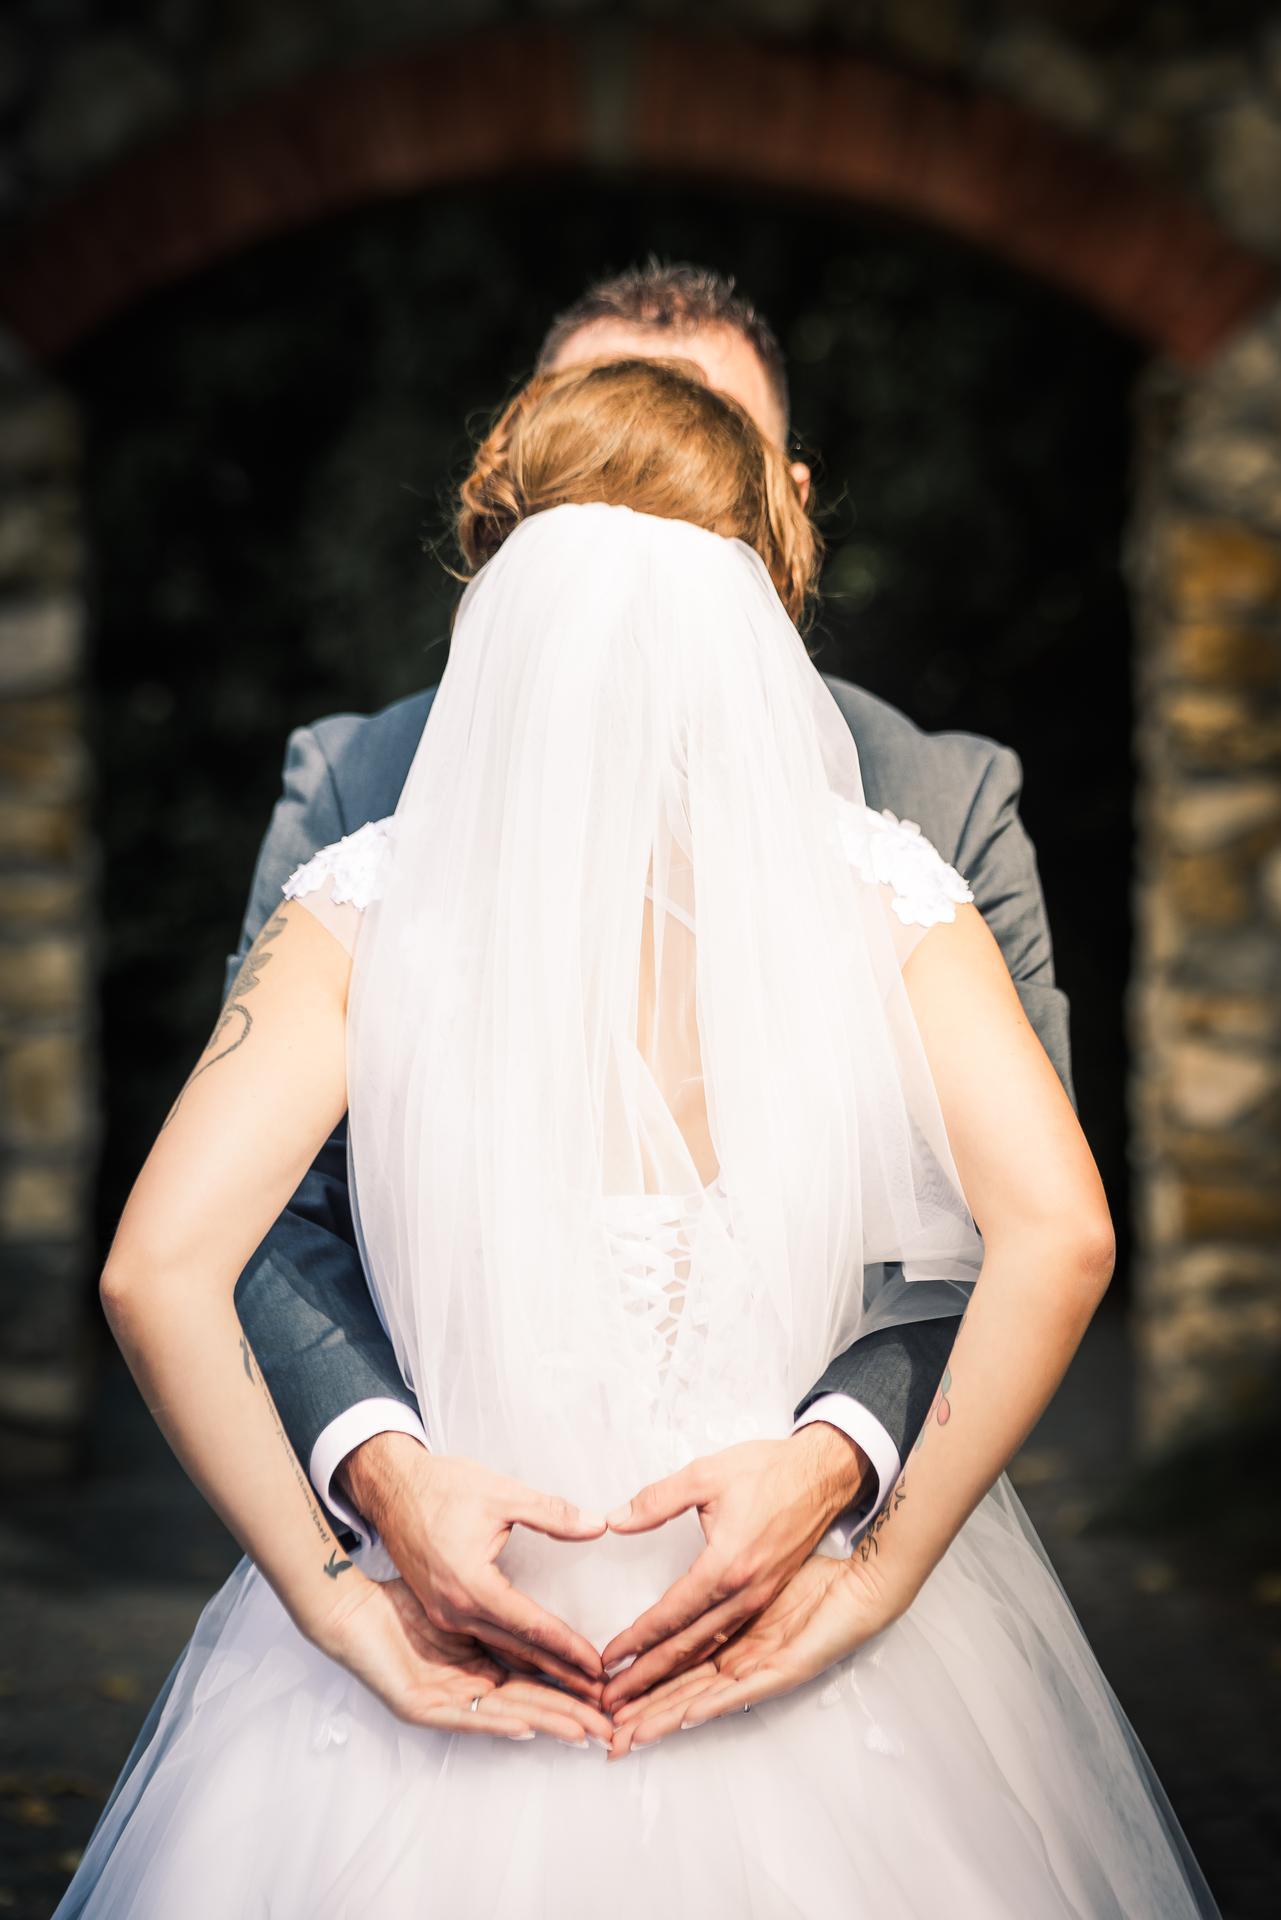 A už mi svieti 9 dní pod svadbe... 🤍👰 A najkrajší deň to bol 🥰😍❤️ pár fotiek z fotenia v albume na ostatné si sama počkám :) - Obrázok č. 1